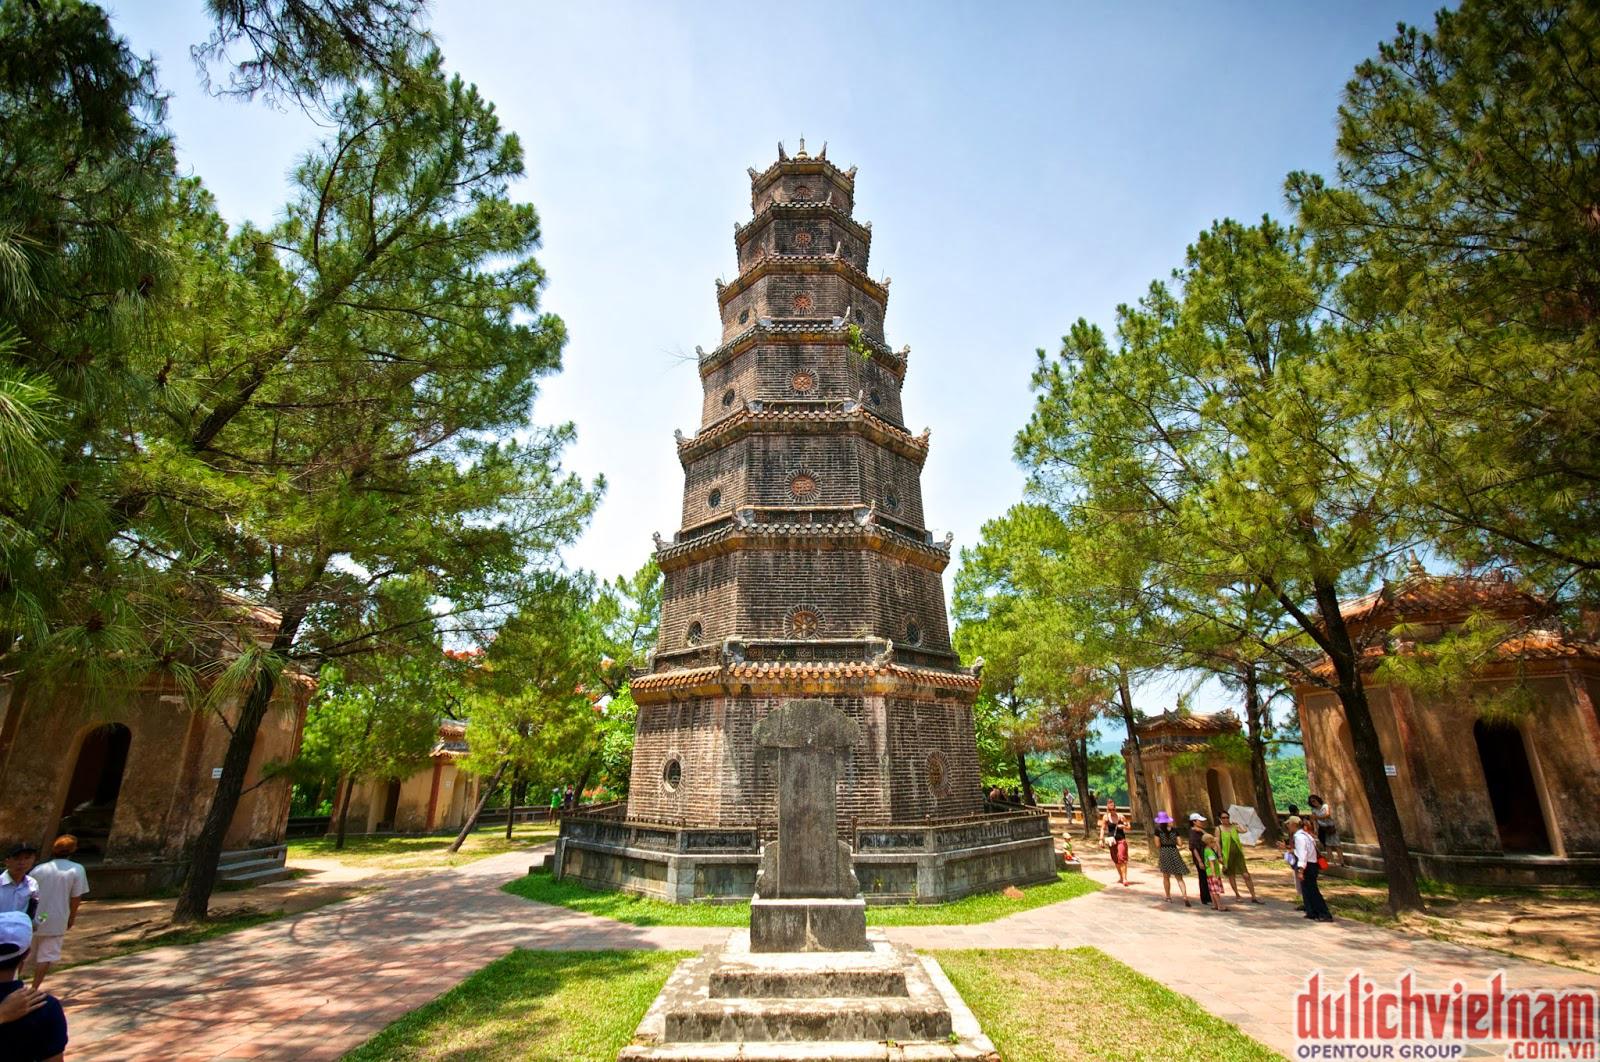 Chùa Thiên Mụ - một trong các điểm du lịch hấp dẫn tại Huế